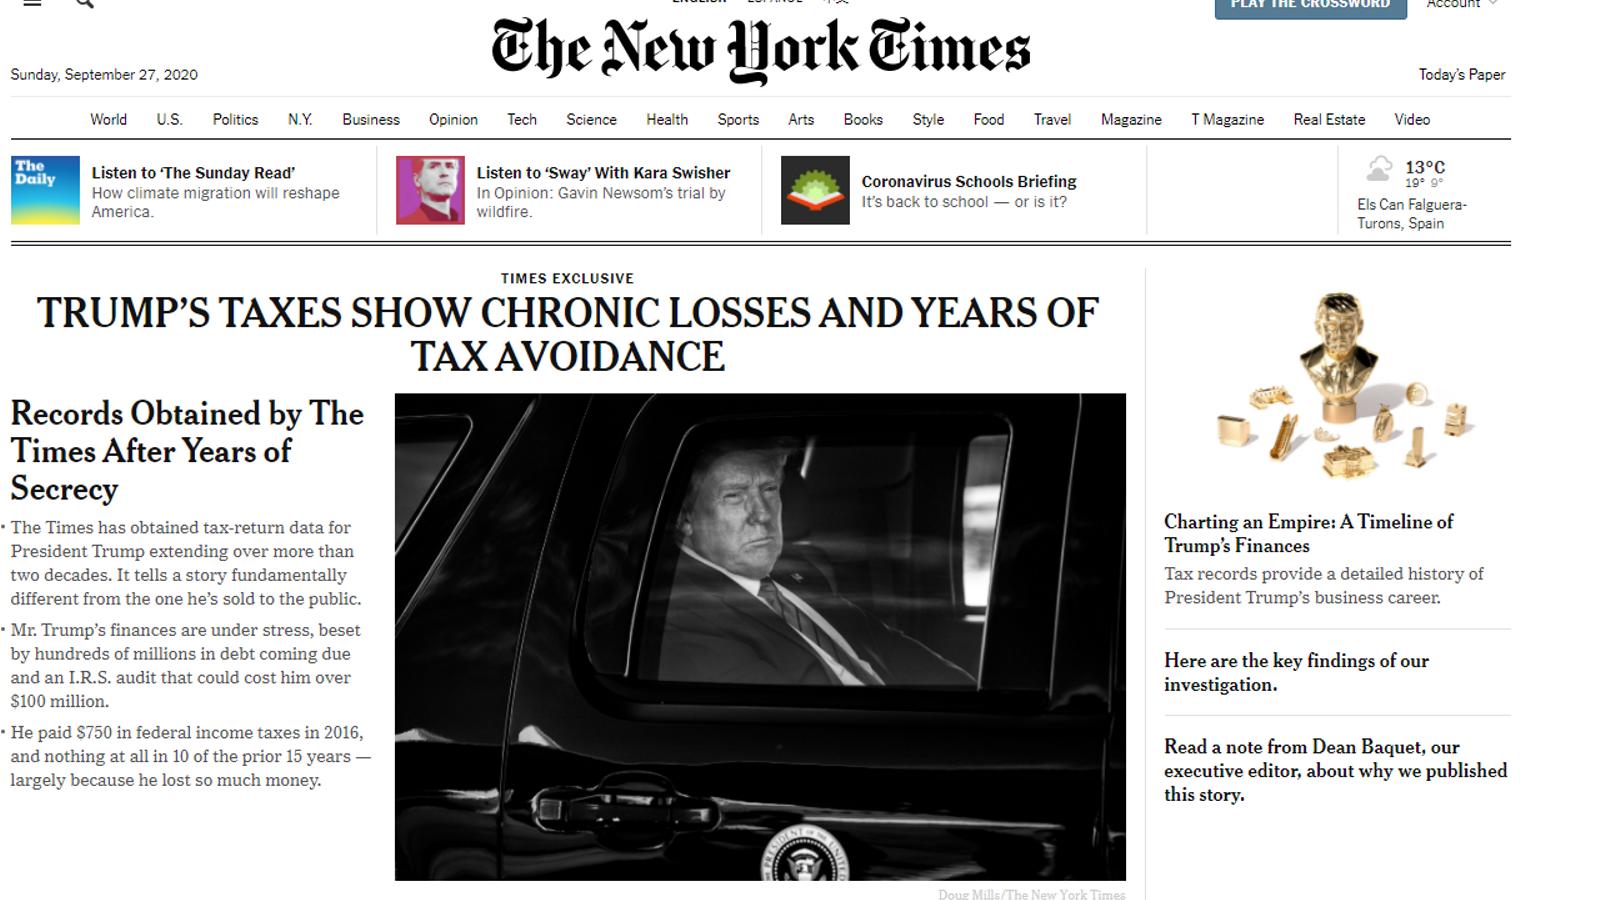 Trump no ha pagat impostos en 10 dels últims 15 anys, segons 'The New York Times'